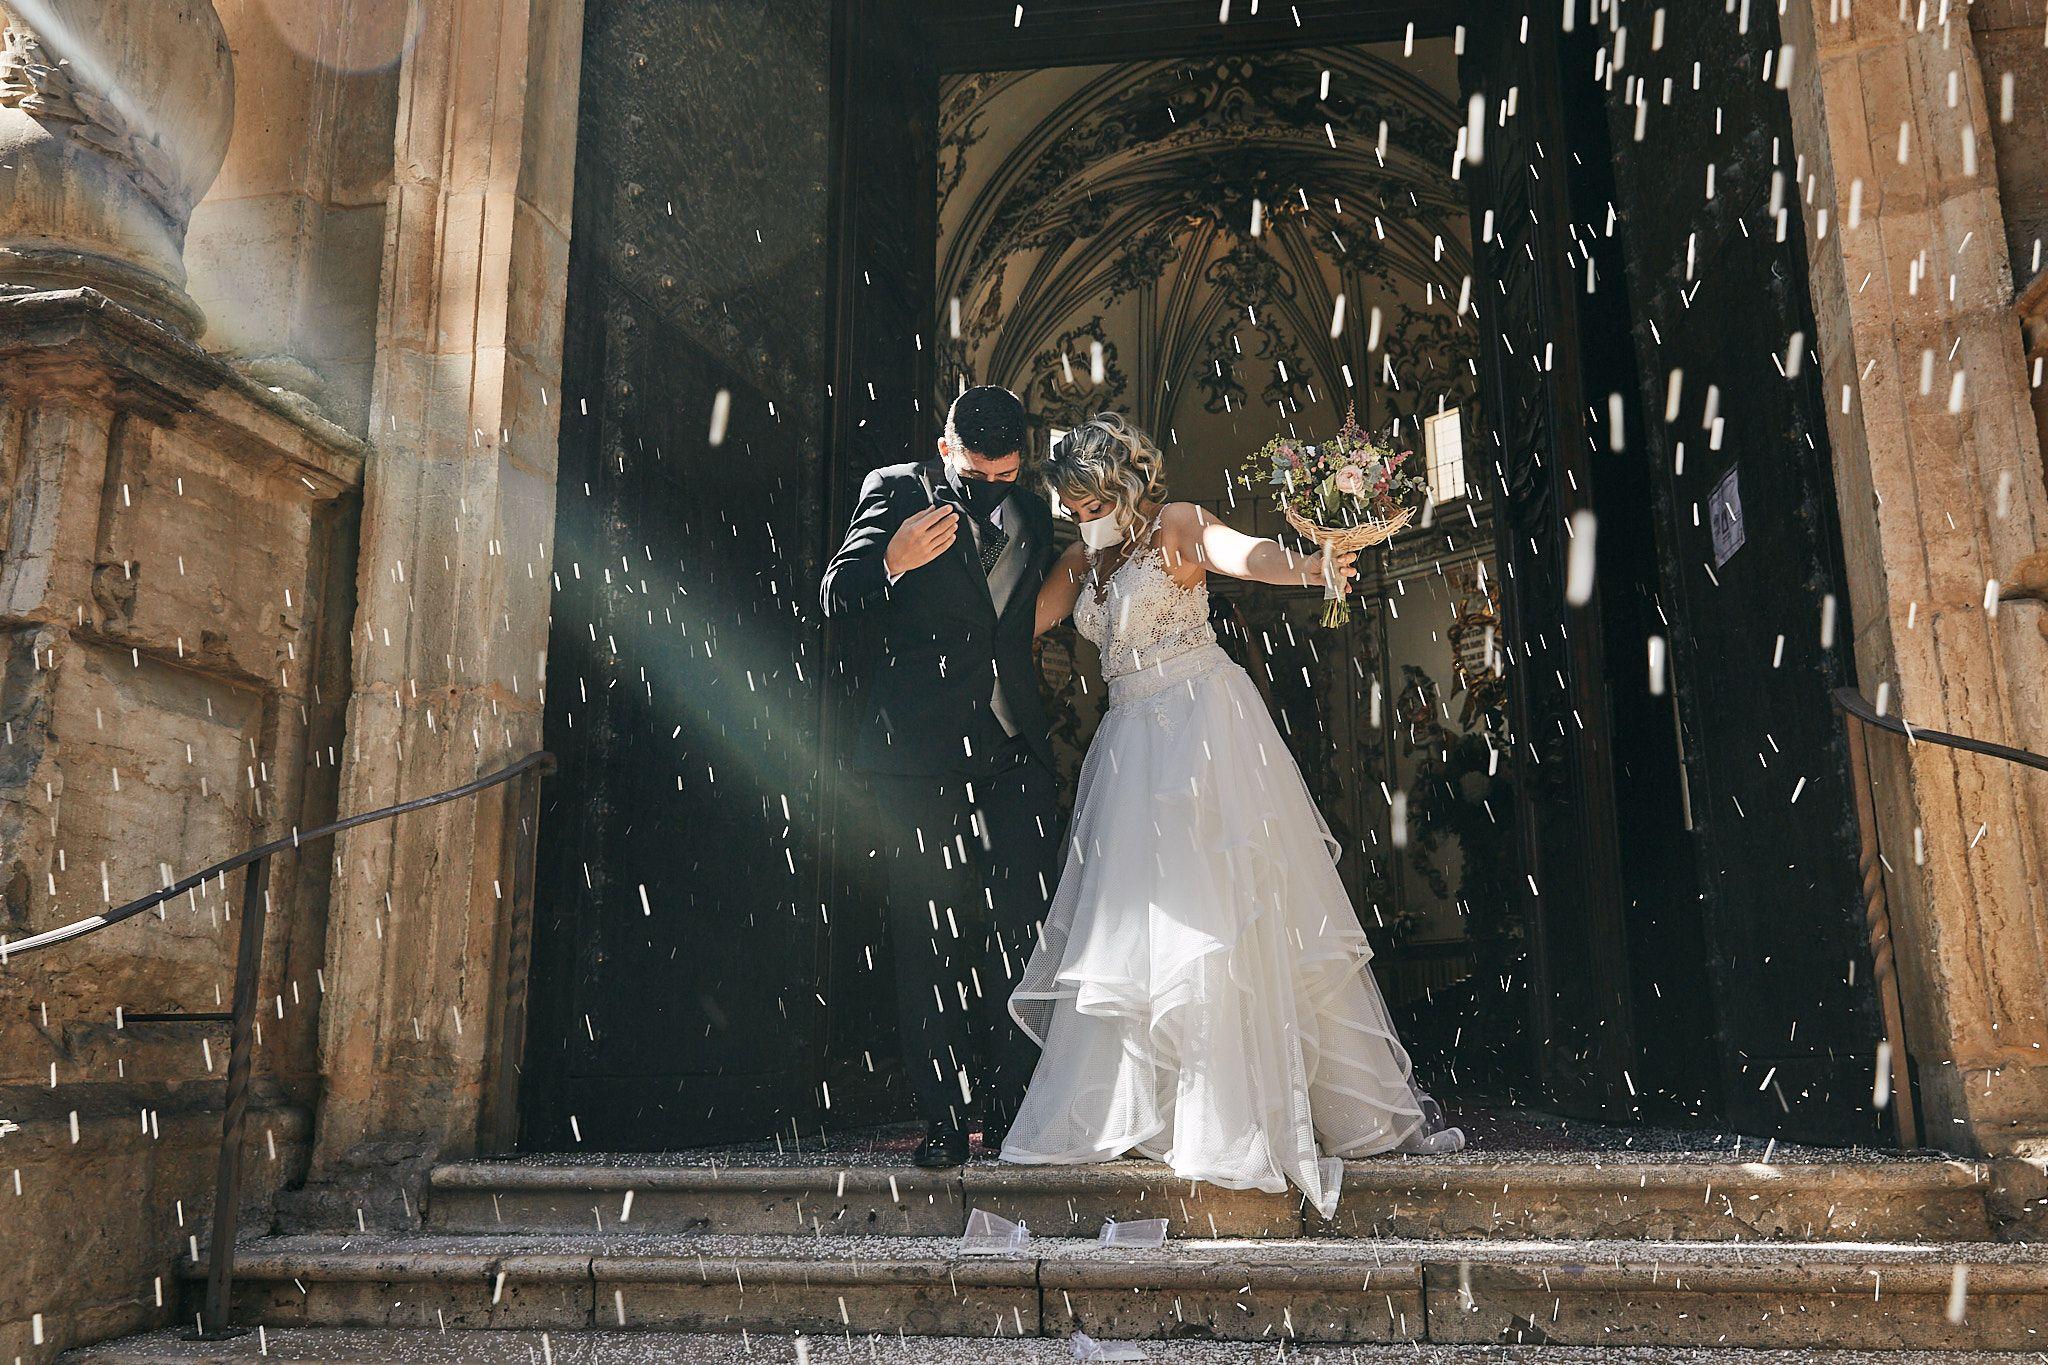 Una boda entre mascarillas